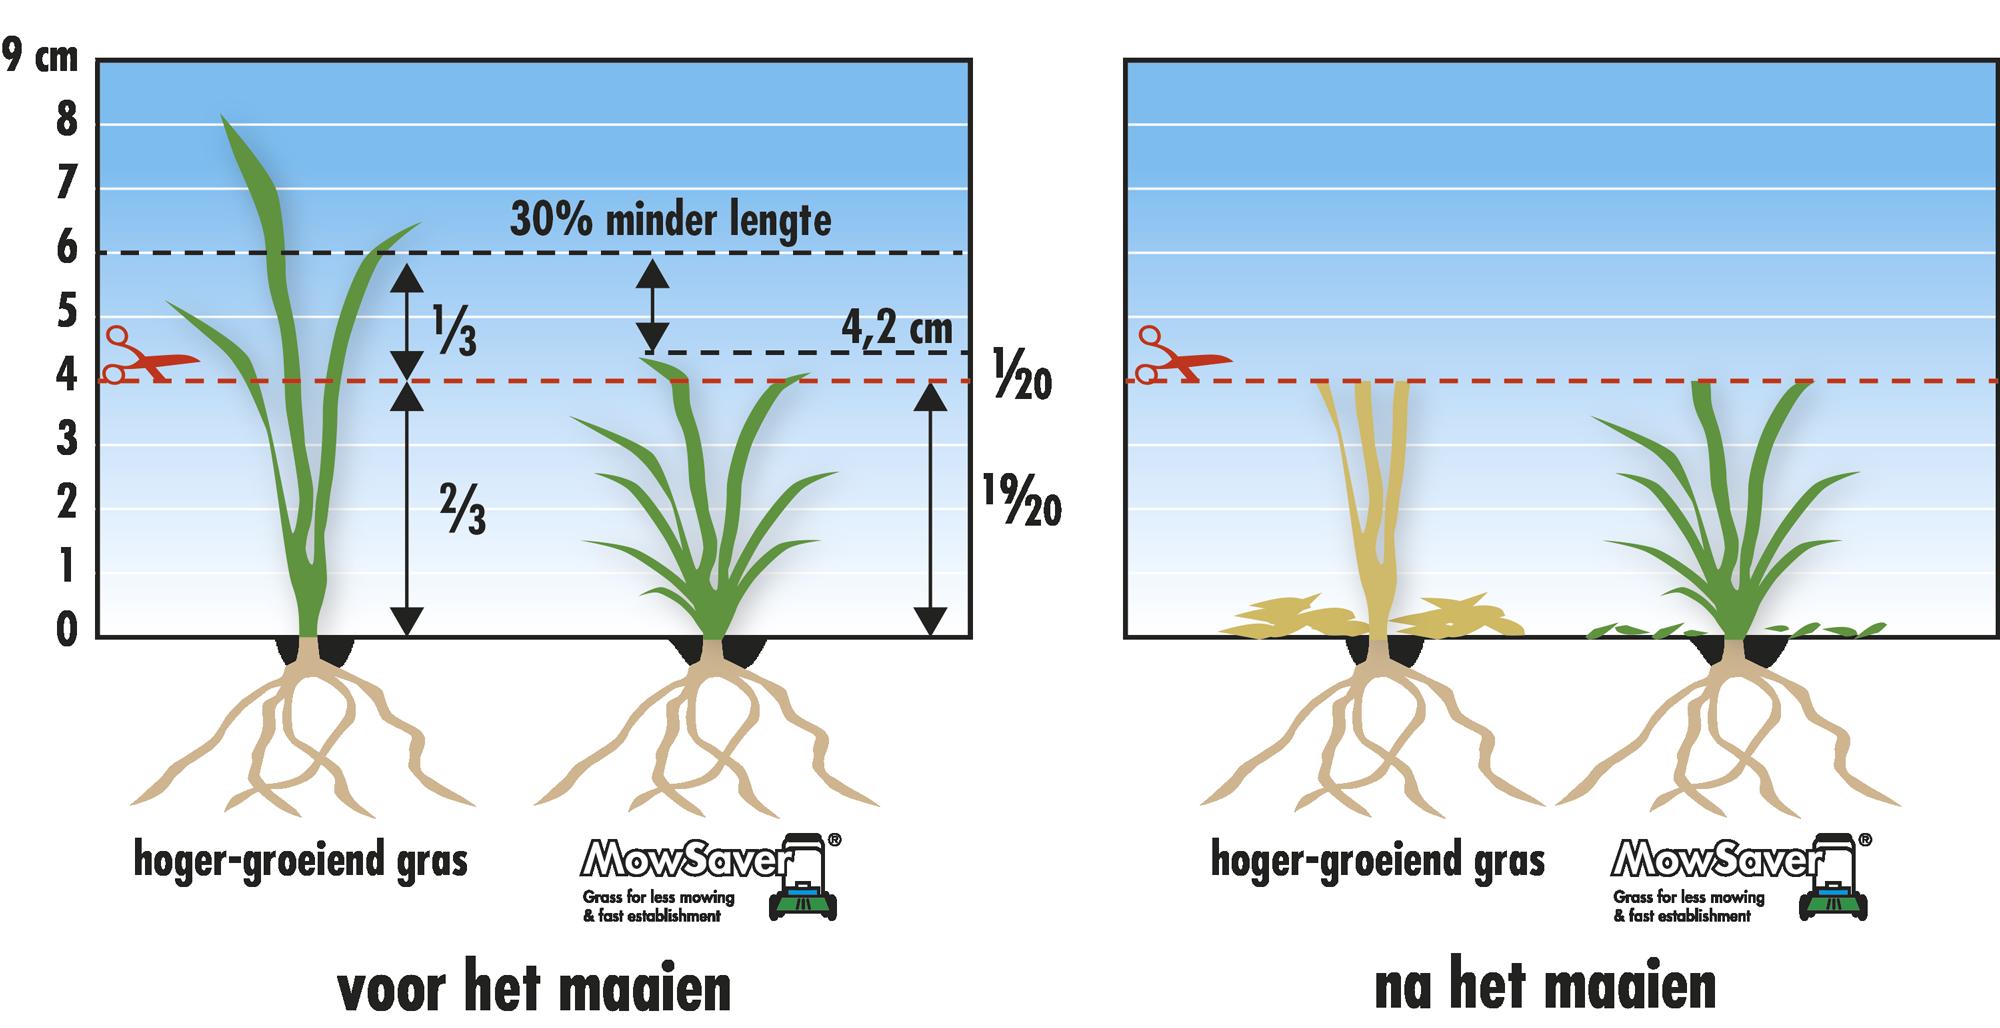 Verschil in uitstoeling bij hoger-groeiend & laag-blijvend gras